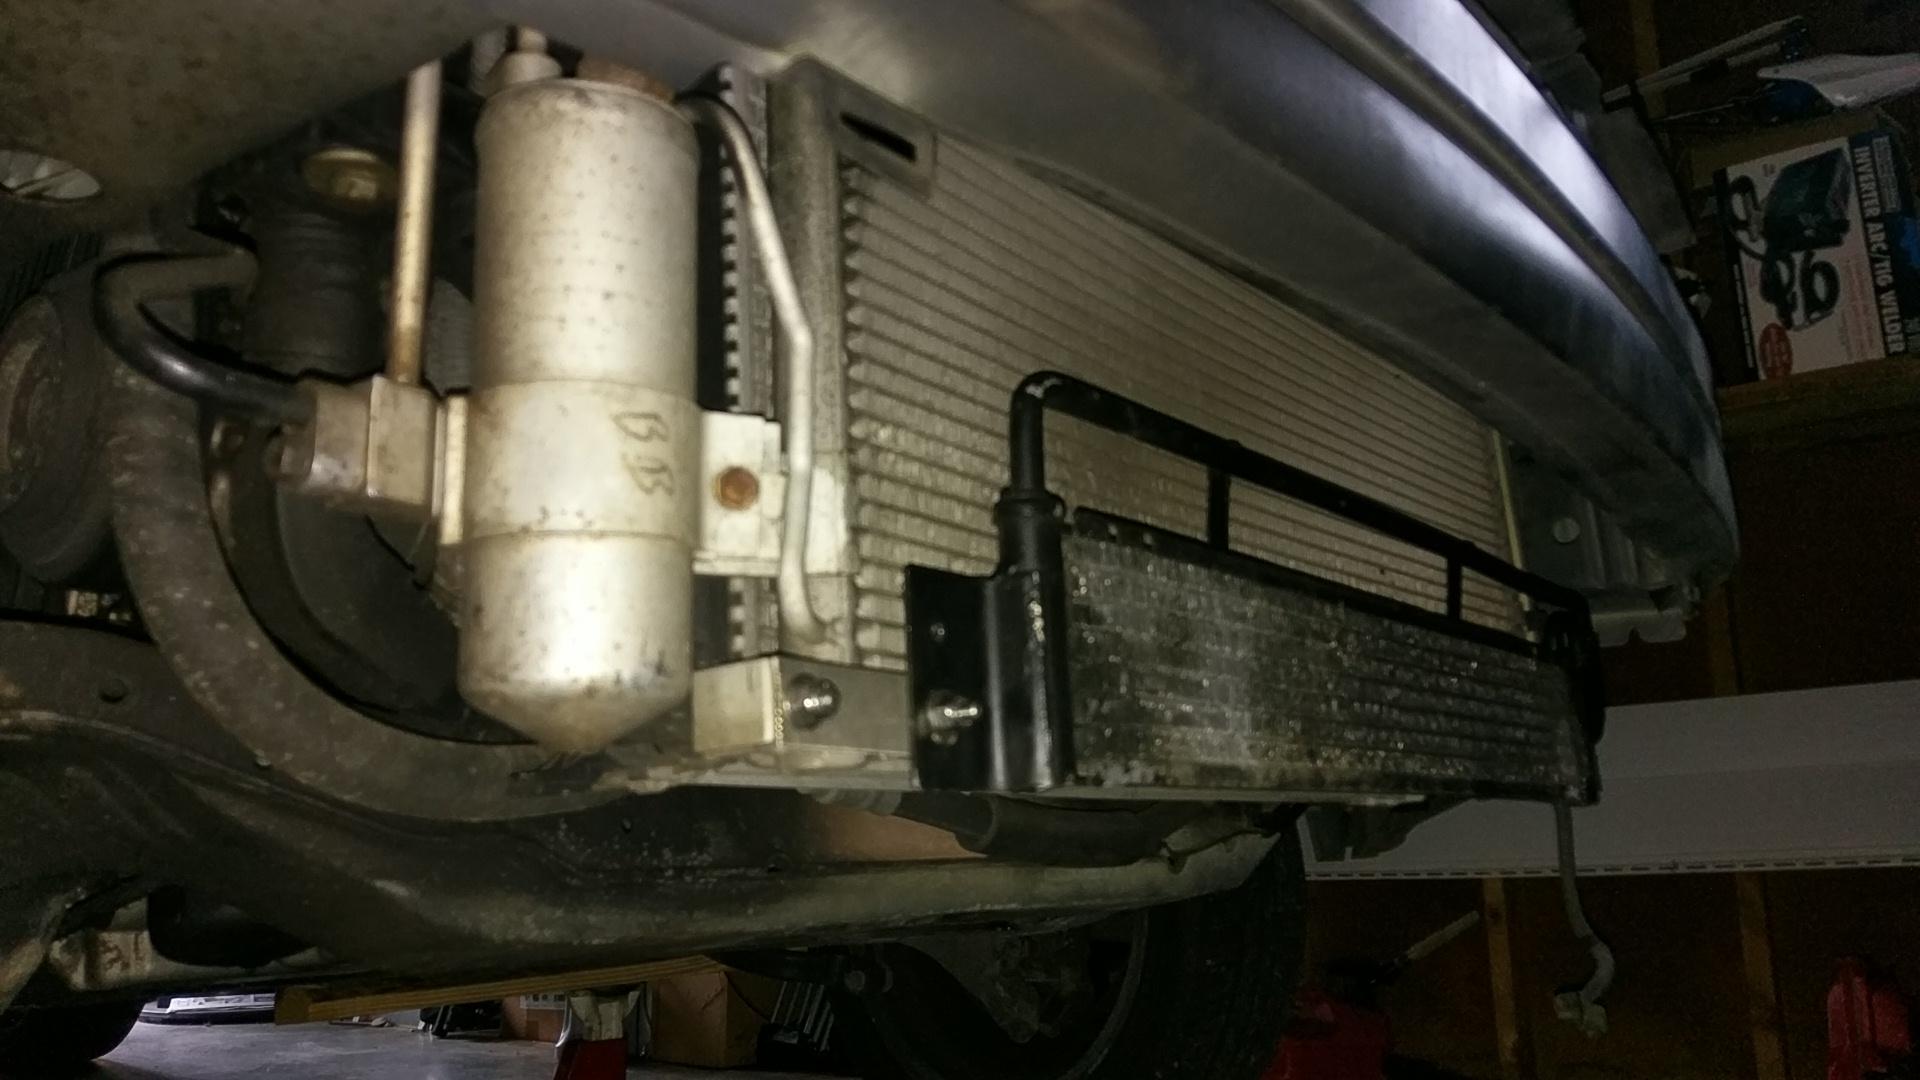 V70 transmission cooler installed